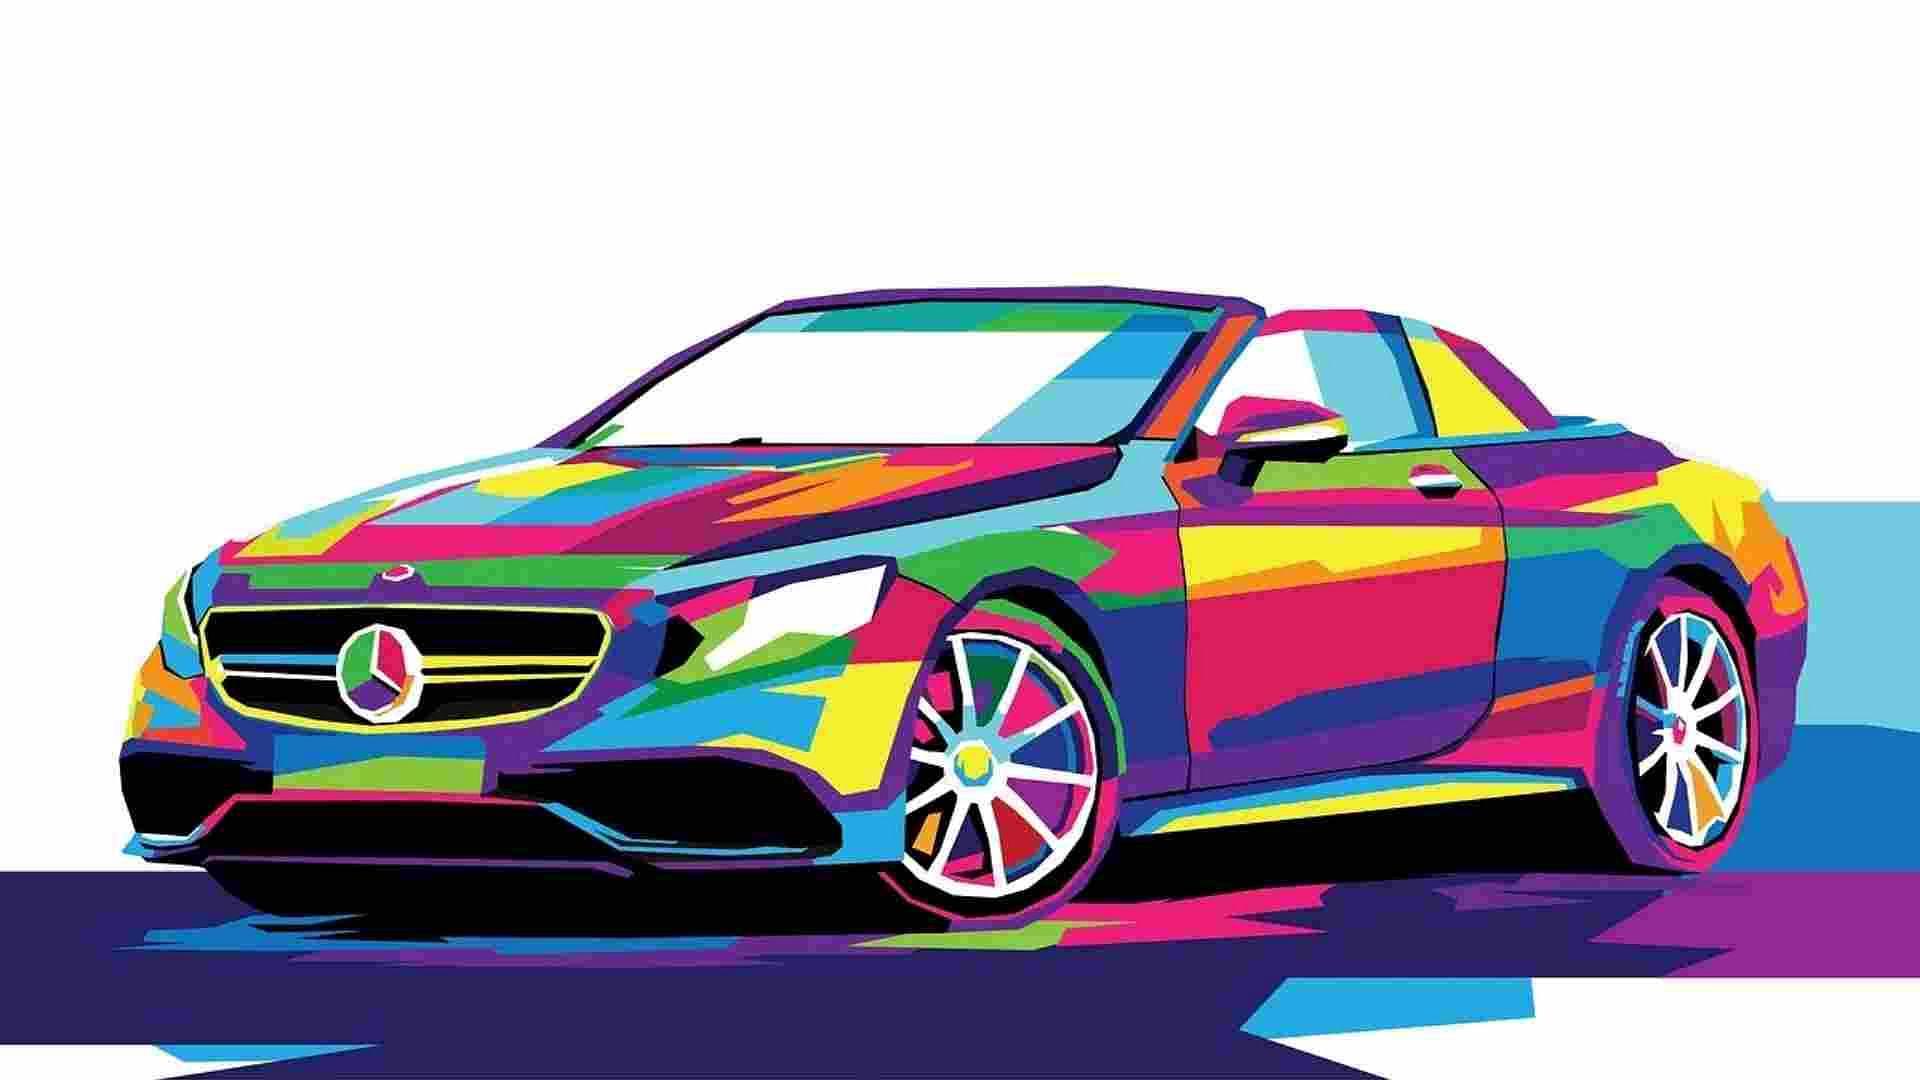 car?blur=25